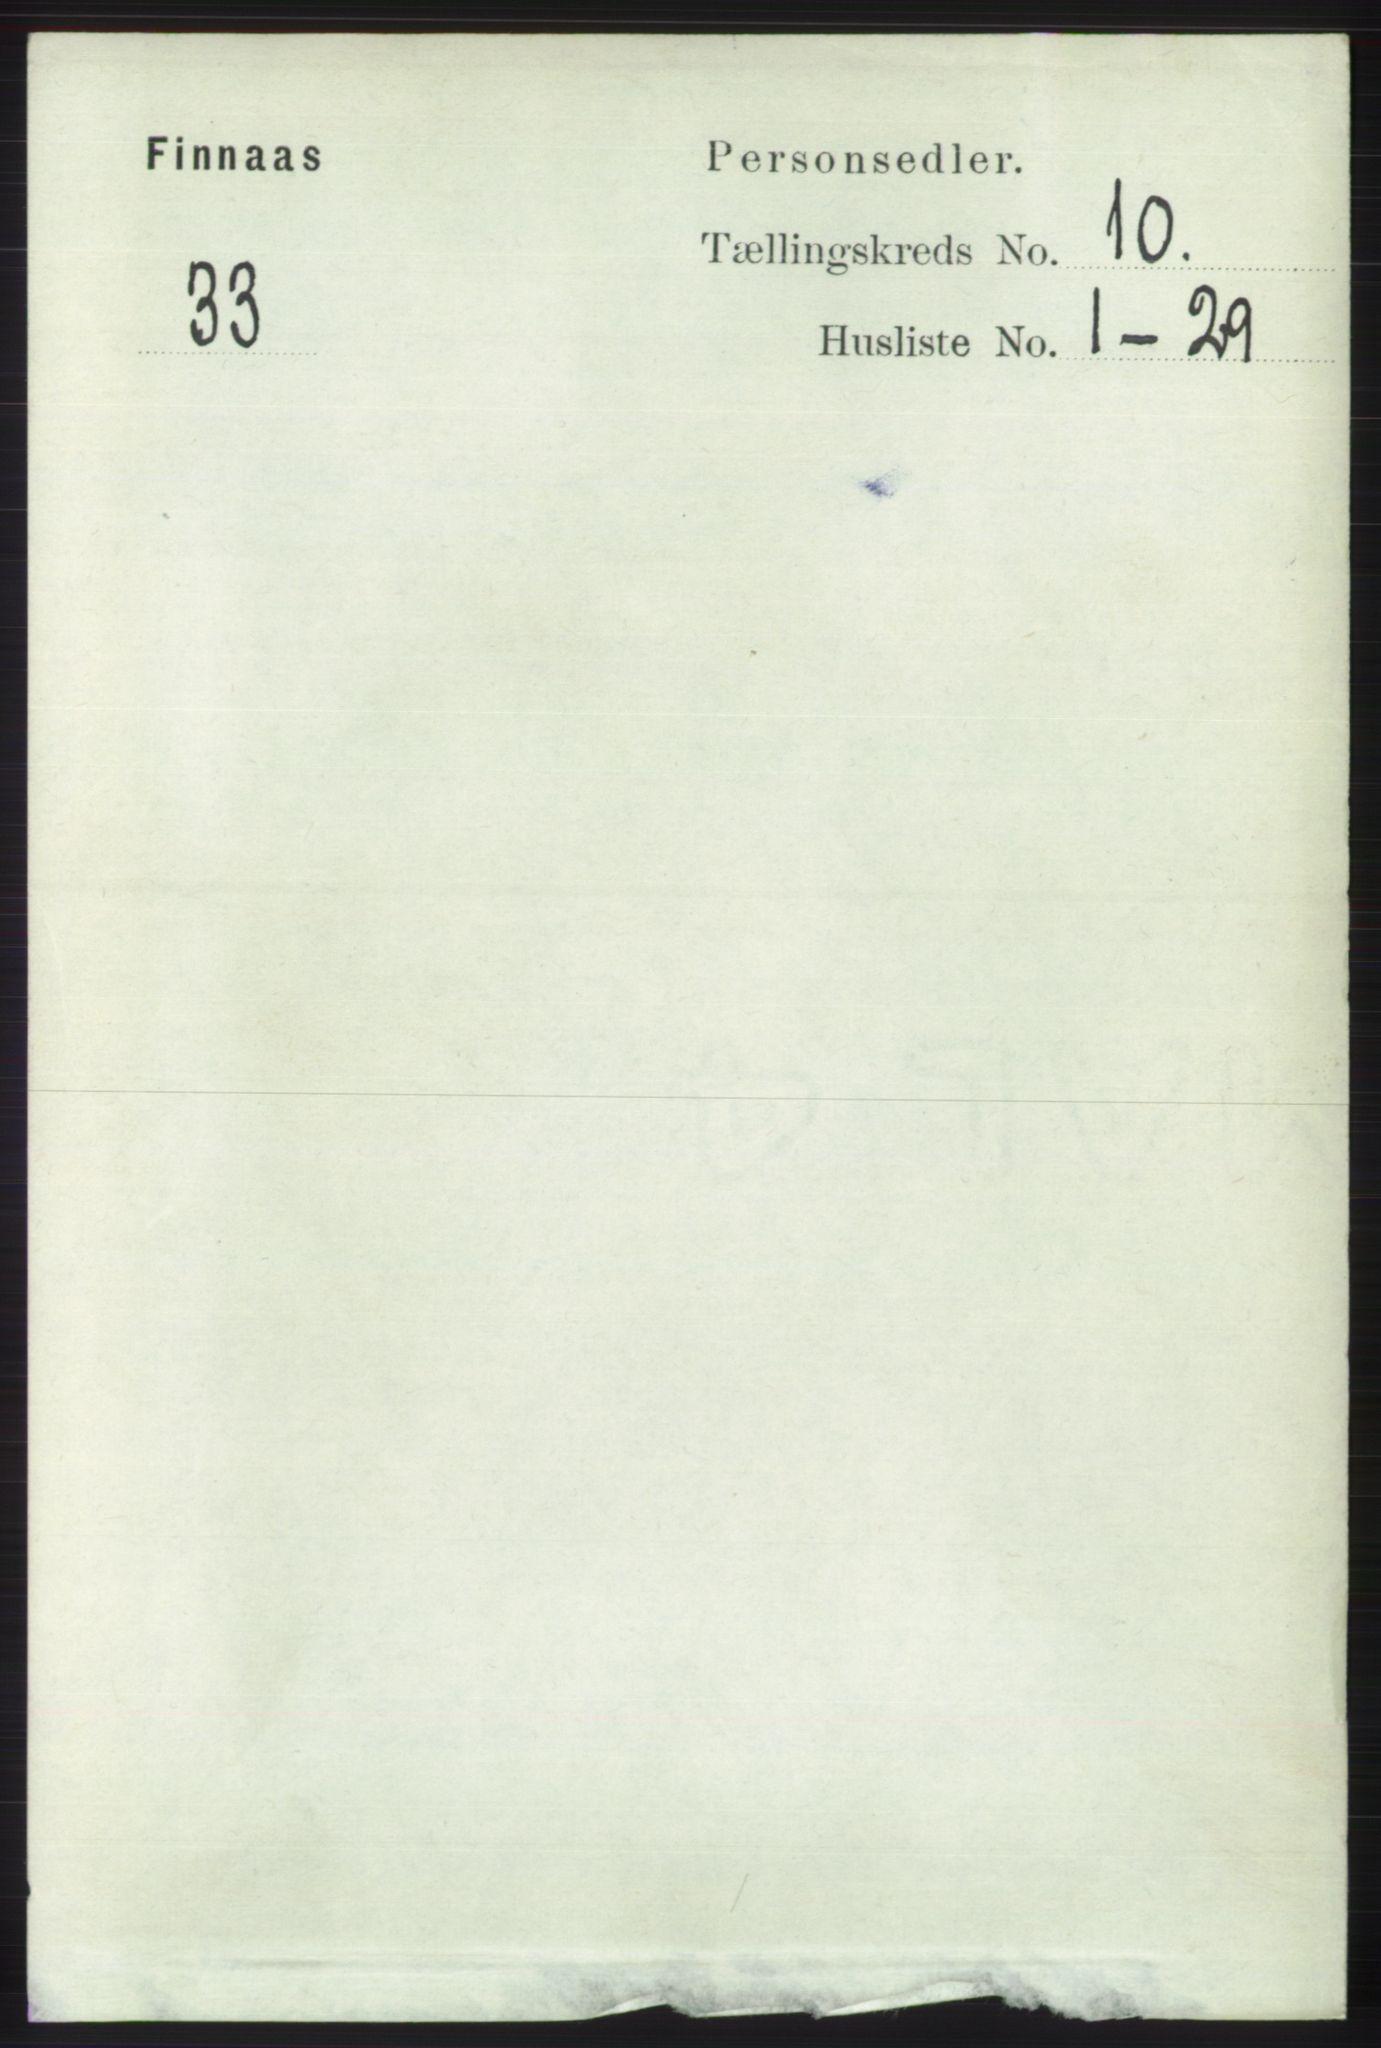 RA, Folketelling 1891 for 1218 Finnås herred, 1891, s. 4515